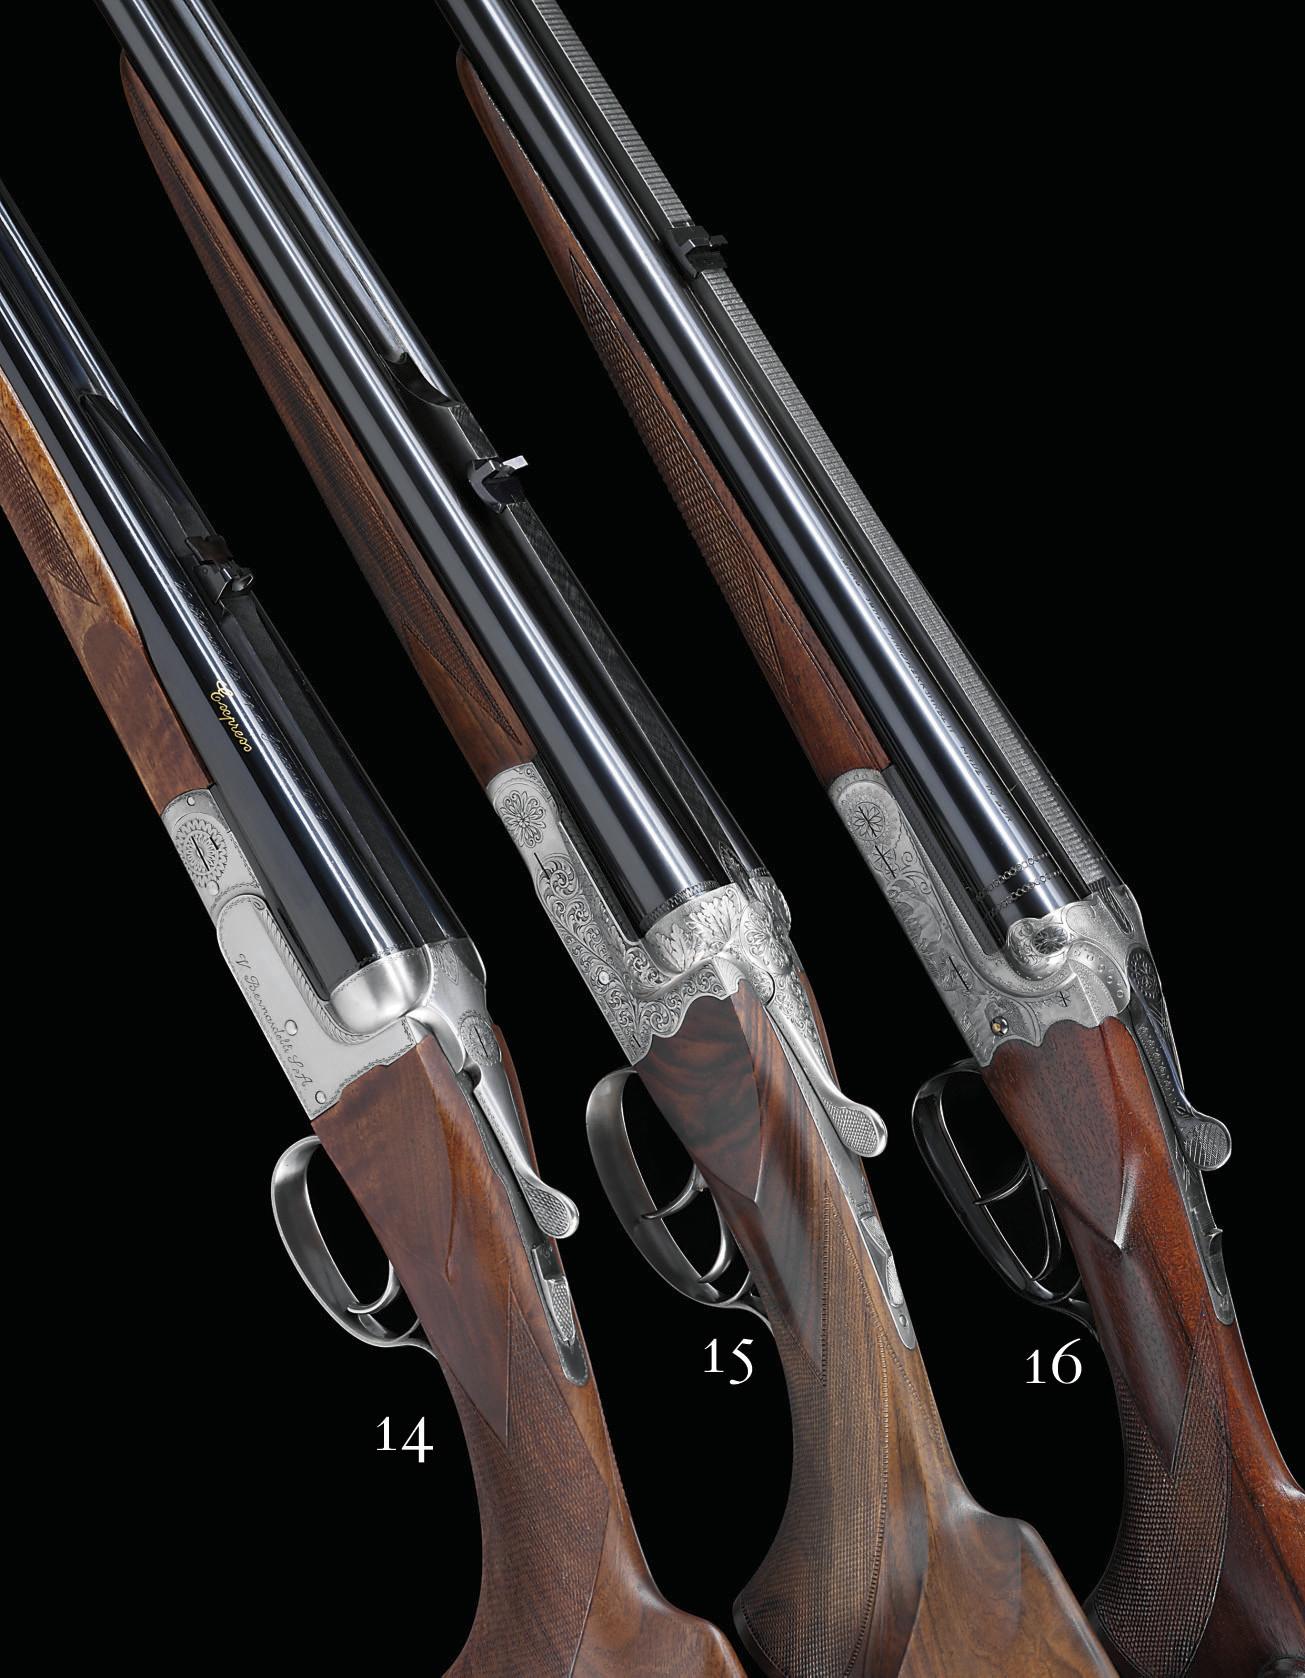 A 5.6x50 REMINGTON MAG 20-BORE 'BUCHSFLINTE 51' MODEL BOXLOCK NON-EJECTOR COMBINATION GUN-RIFLE BY GEBRUDER ADAMY, NO. 5886